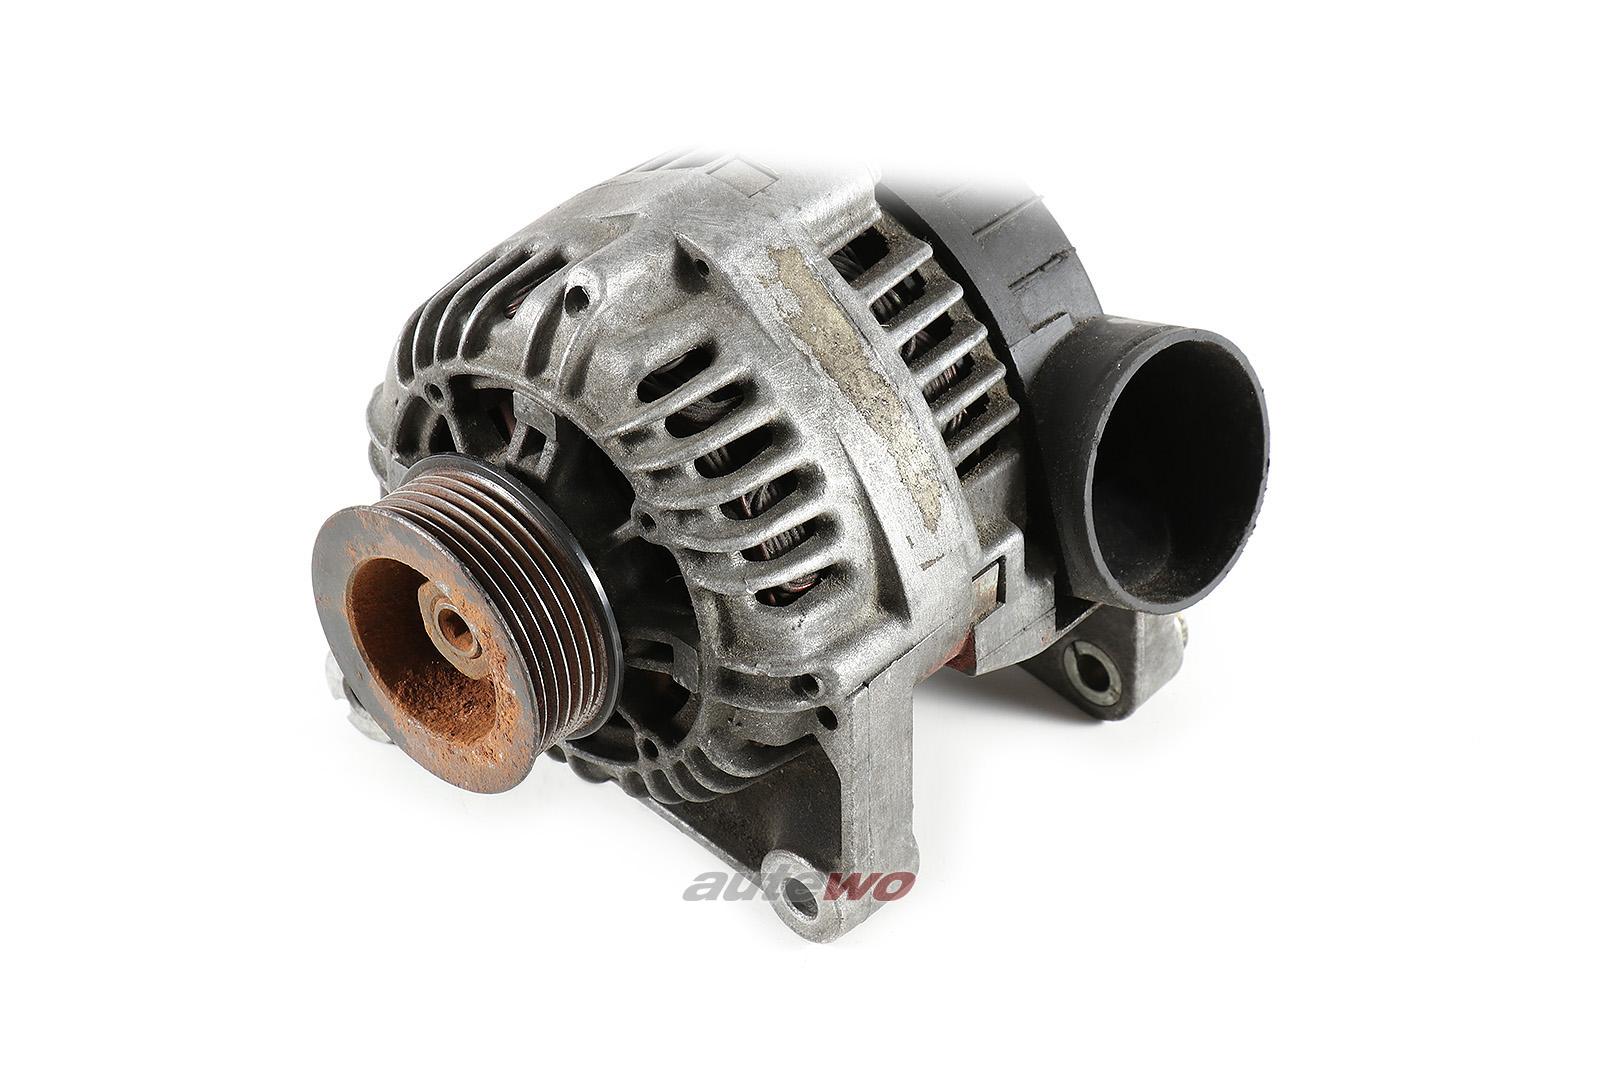 028903028E Audi/VW A3 8L/A4 B5/A6 4B/TT 8N 4 Zylinder Lichtmaschine 120A